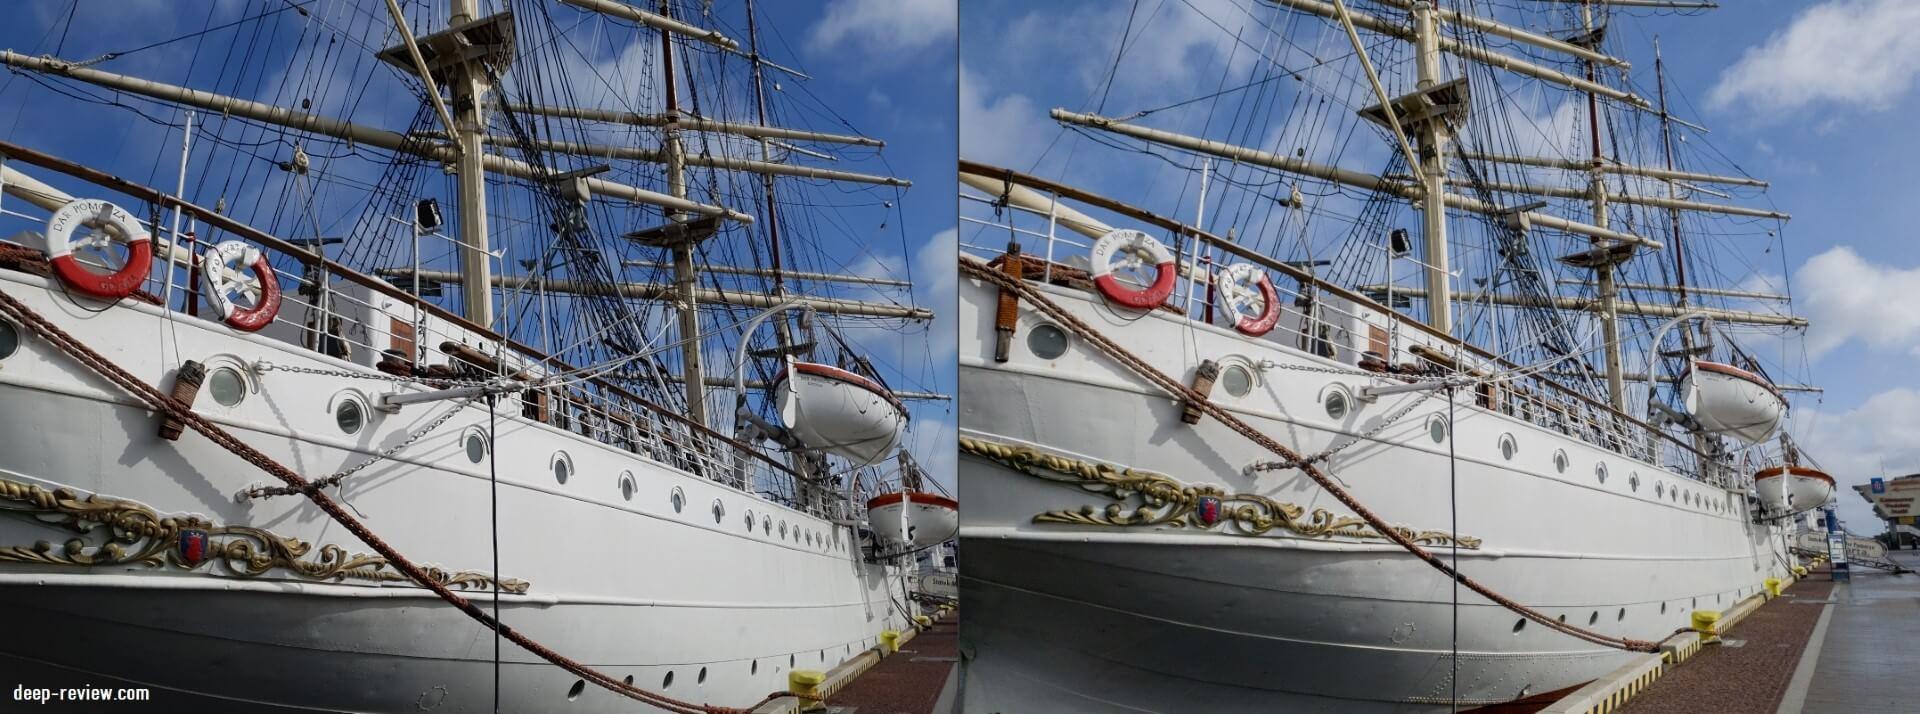 Сравнение-6 JPEG-фото с RAW-файлом на Galaxy S10